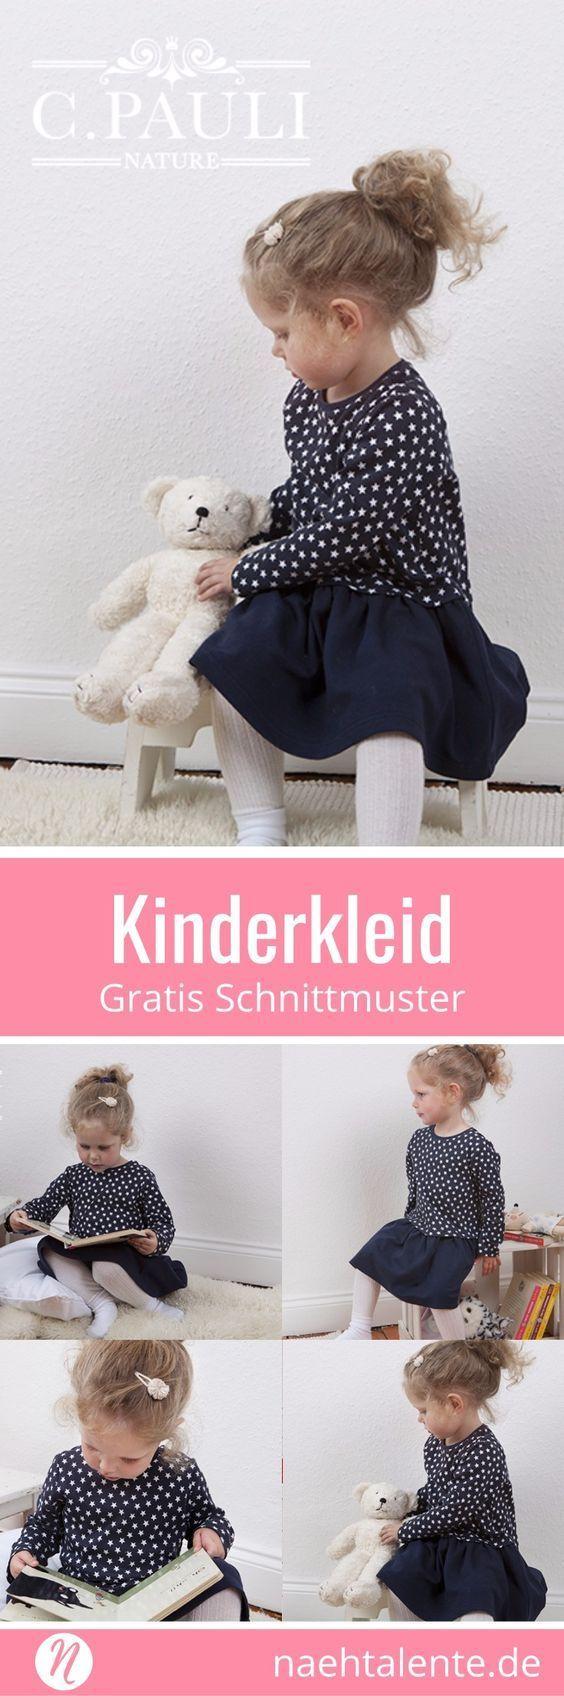 92 kleid gratis schnittmuster Sommerkleid für